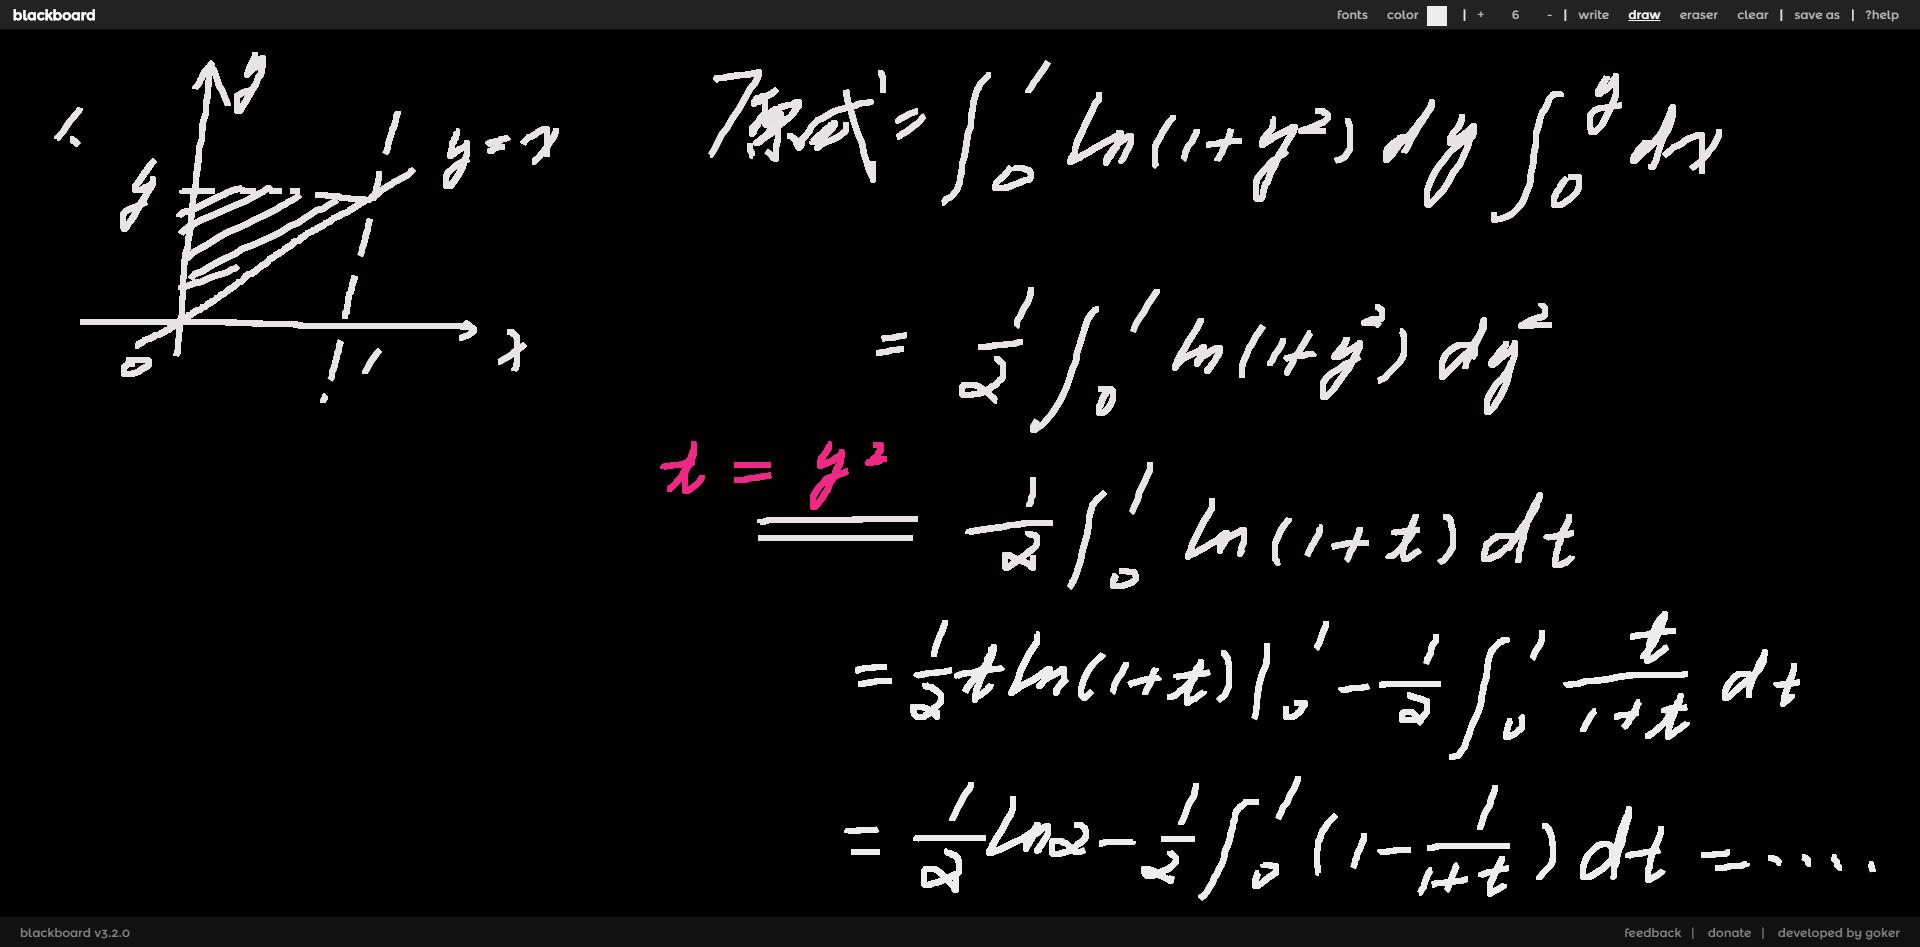 哥是个传�9b�9�yf�x�_高数微积分 若f(x)是(a,b)上的无界函数,则存在(a,b)内的数列{xn}使得